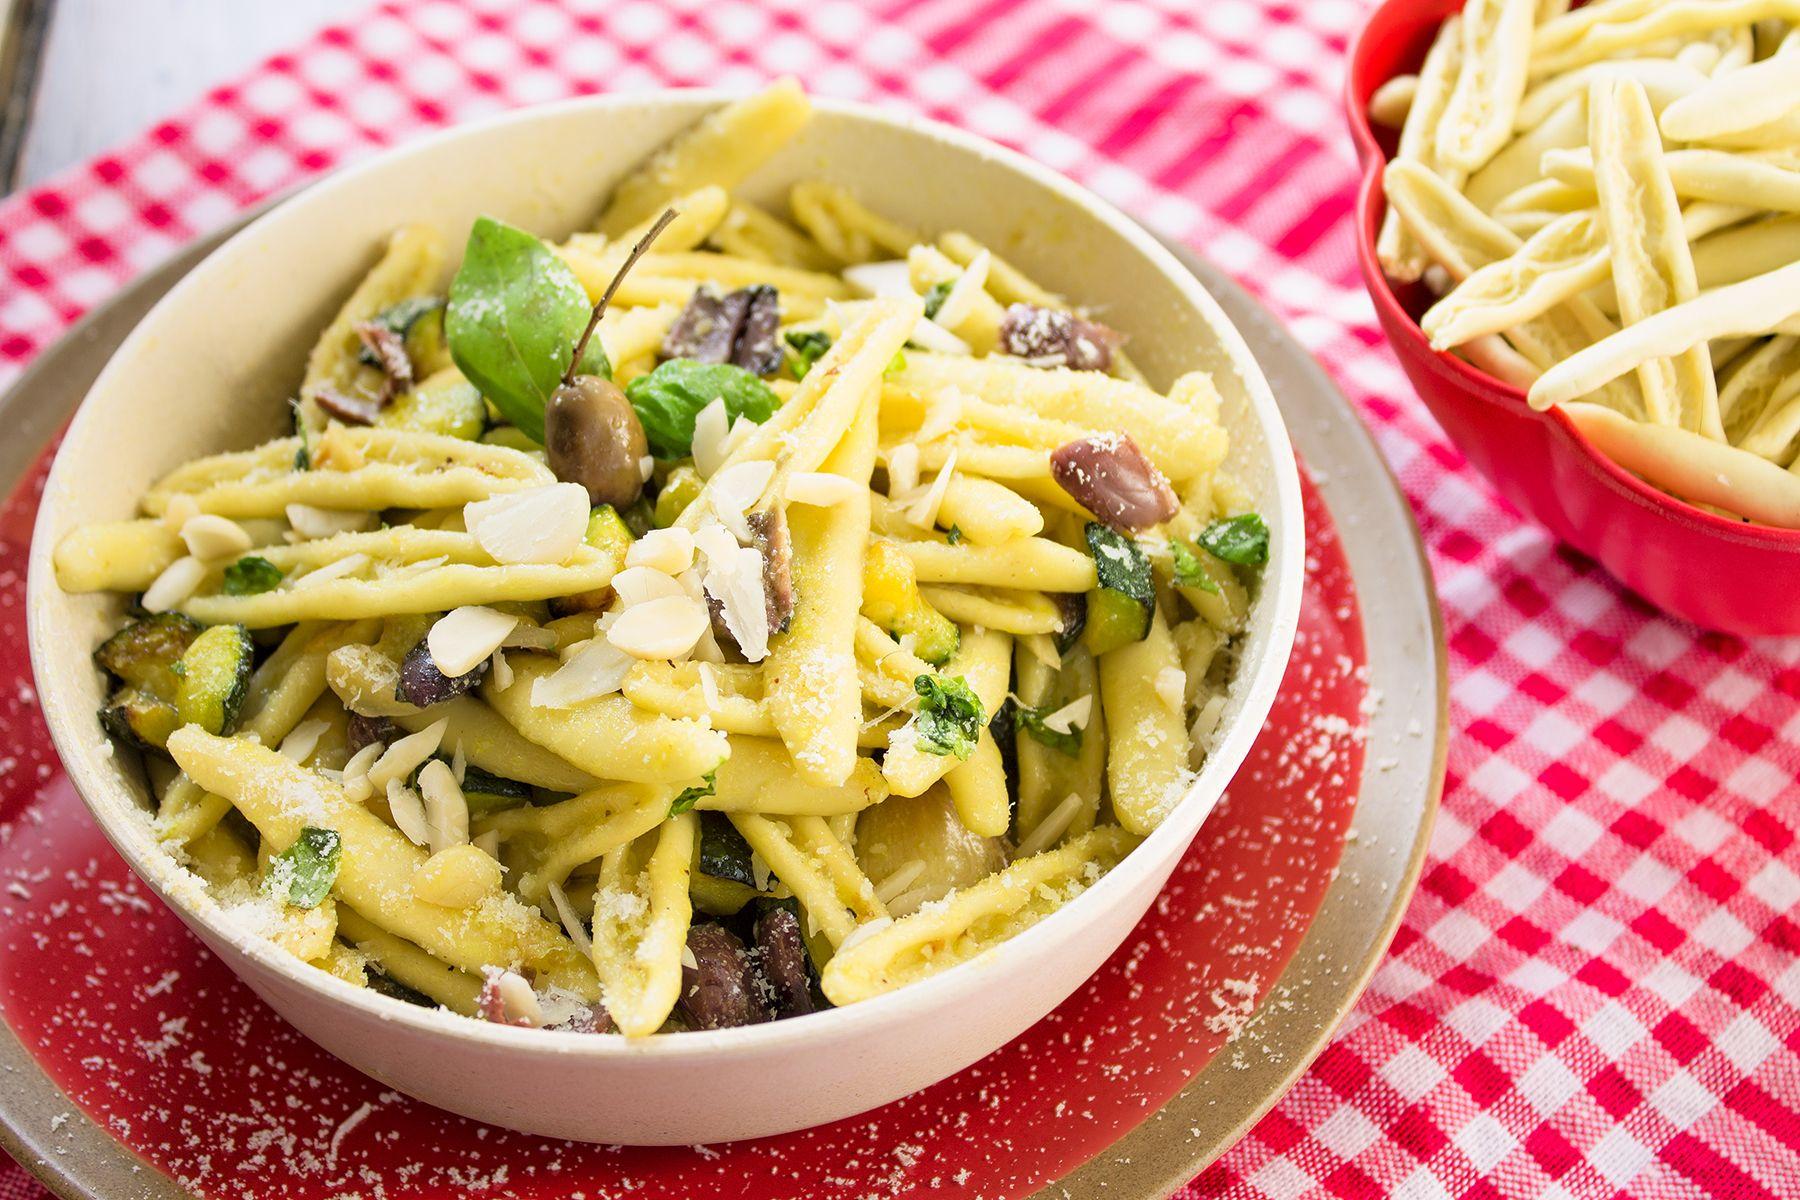 Pasta fresca senza uova: ricetta con zucchine, mandorle e olive taggiasche